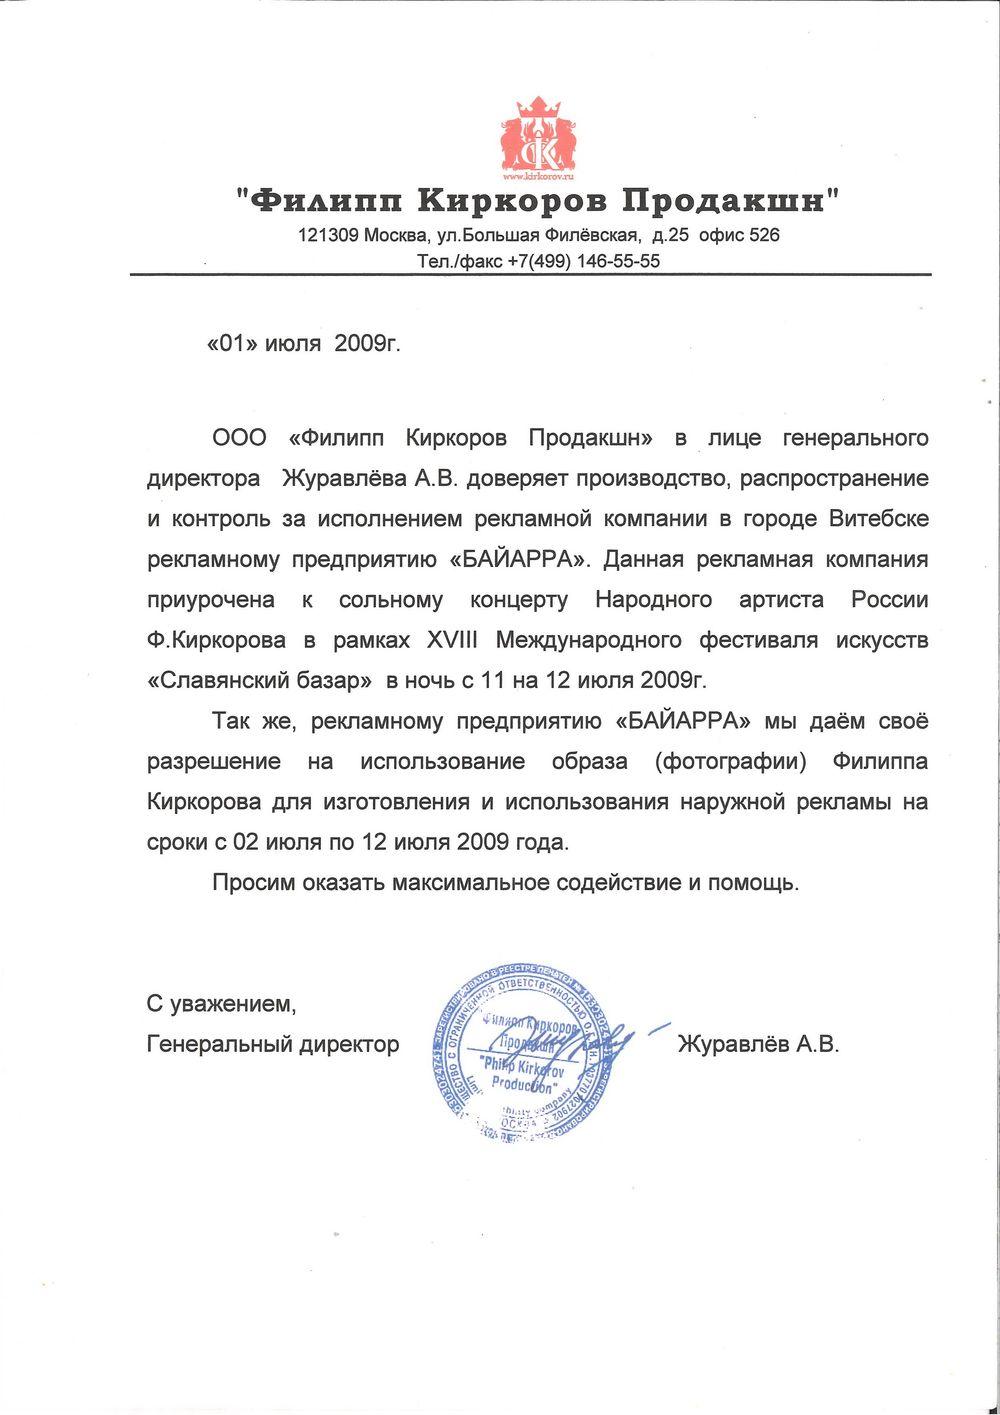 Филипп Киркоров Продакшн